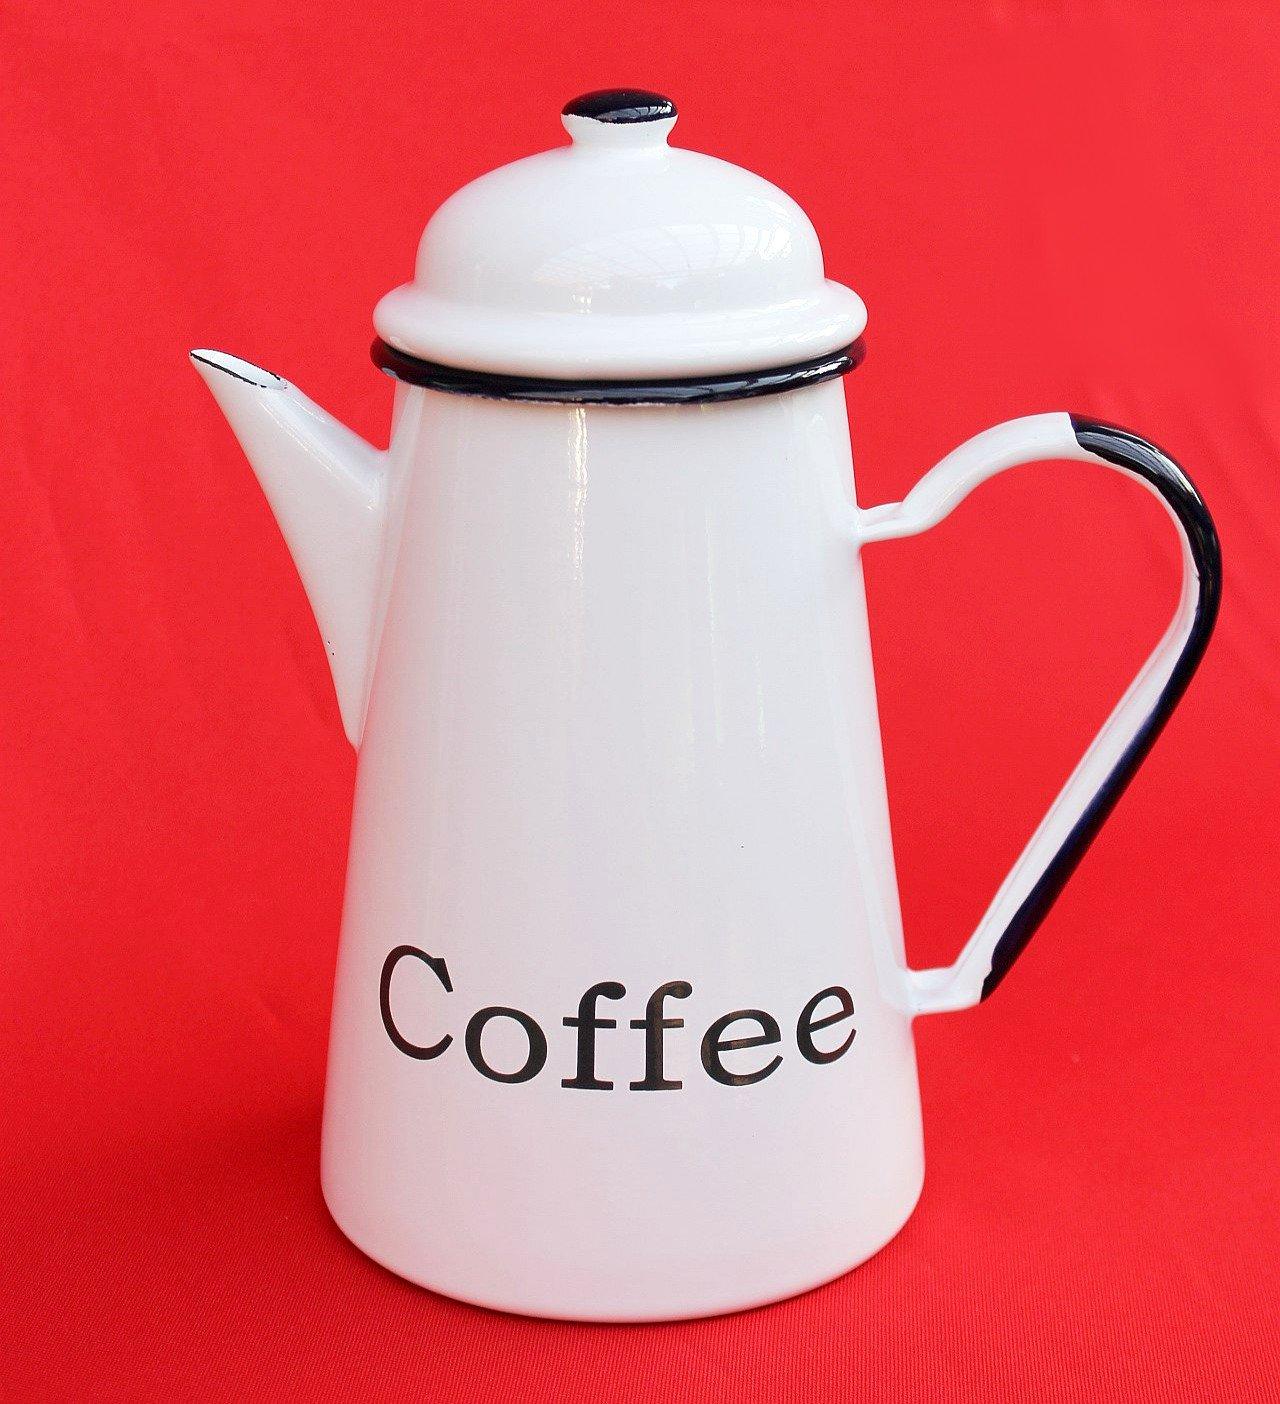 DanDiBo Emaille Kaffeekanne 22cm 1, 0 L emailliert 578TB Coffee Weiß Wasserkanne Kanne Teekanne